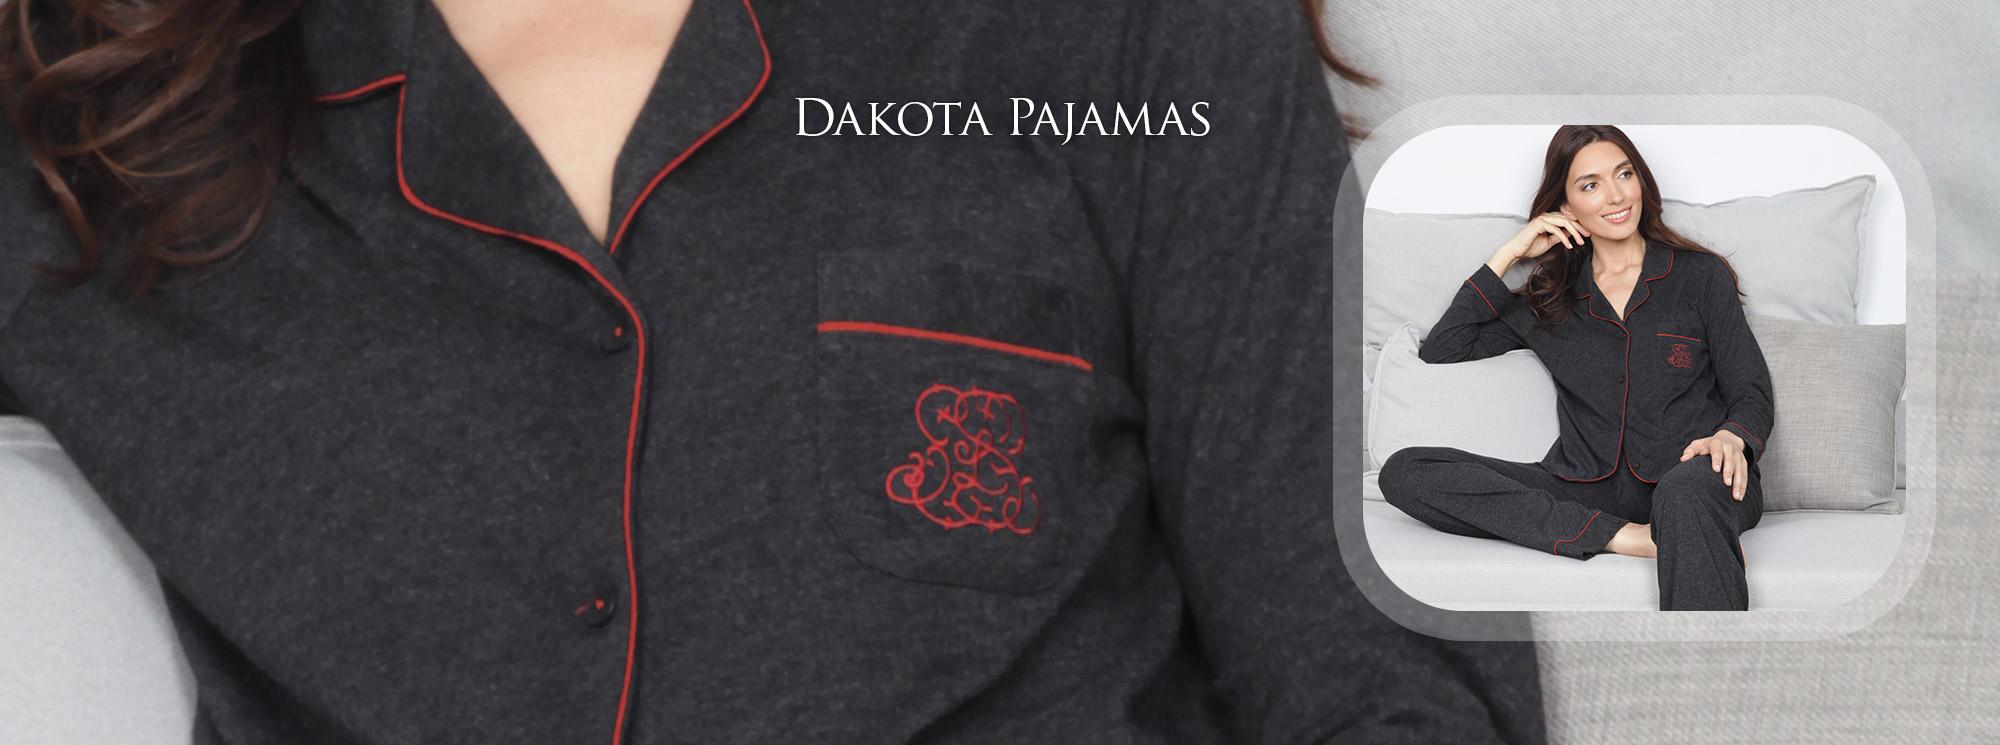 Dakota Pajamas